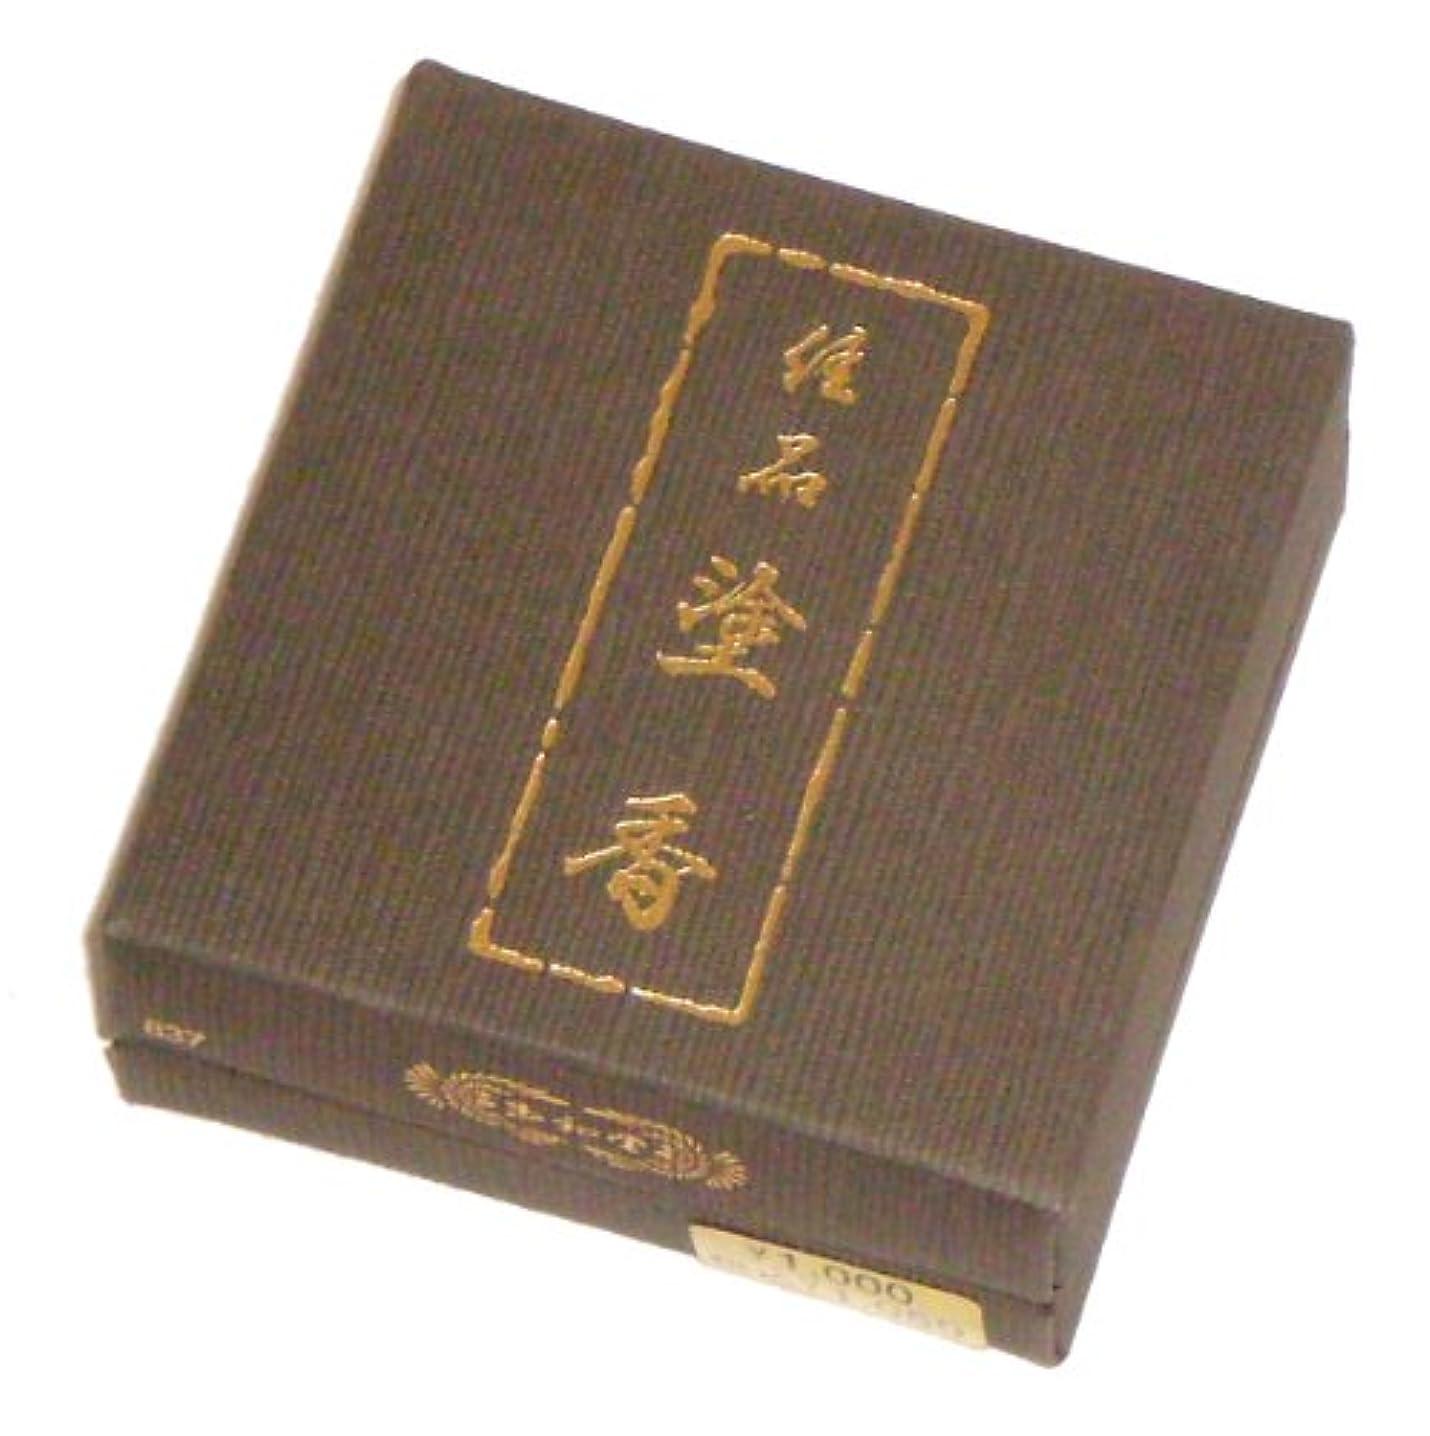 ファウル熟した添付玉初堂のお香 佳品塗香 15g 紙箱 #837